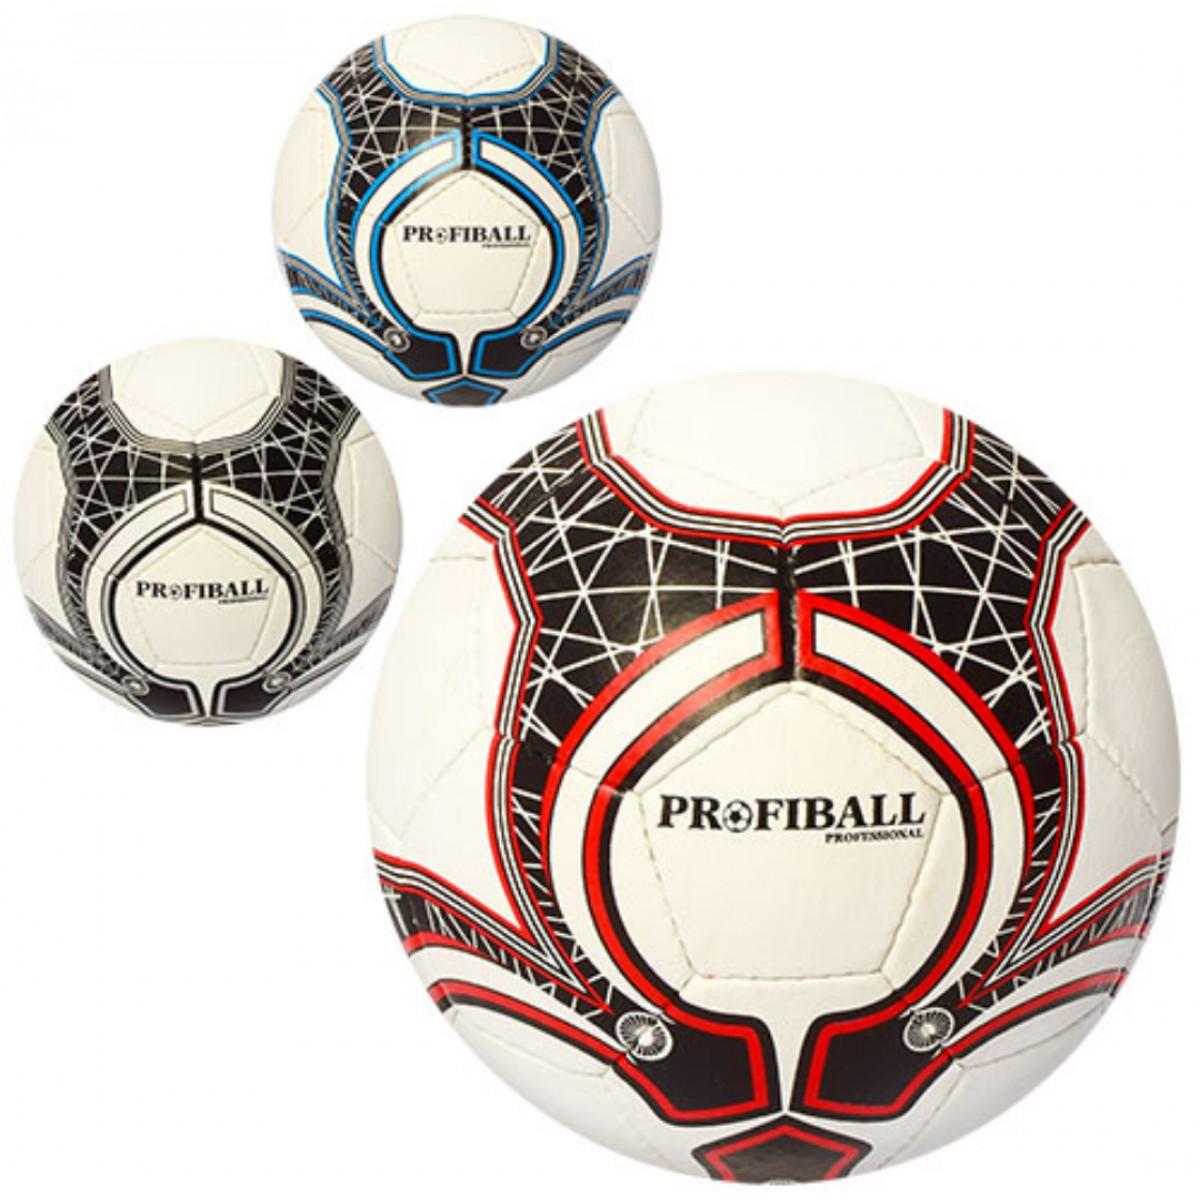 Мяч футбольный кожа PU Profi (2500-65ABC). Купить - (Киев Днепр ... b3ae2f62a9d